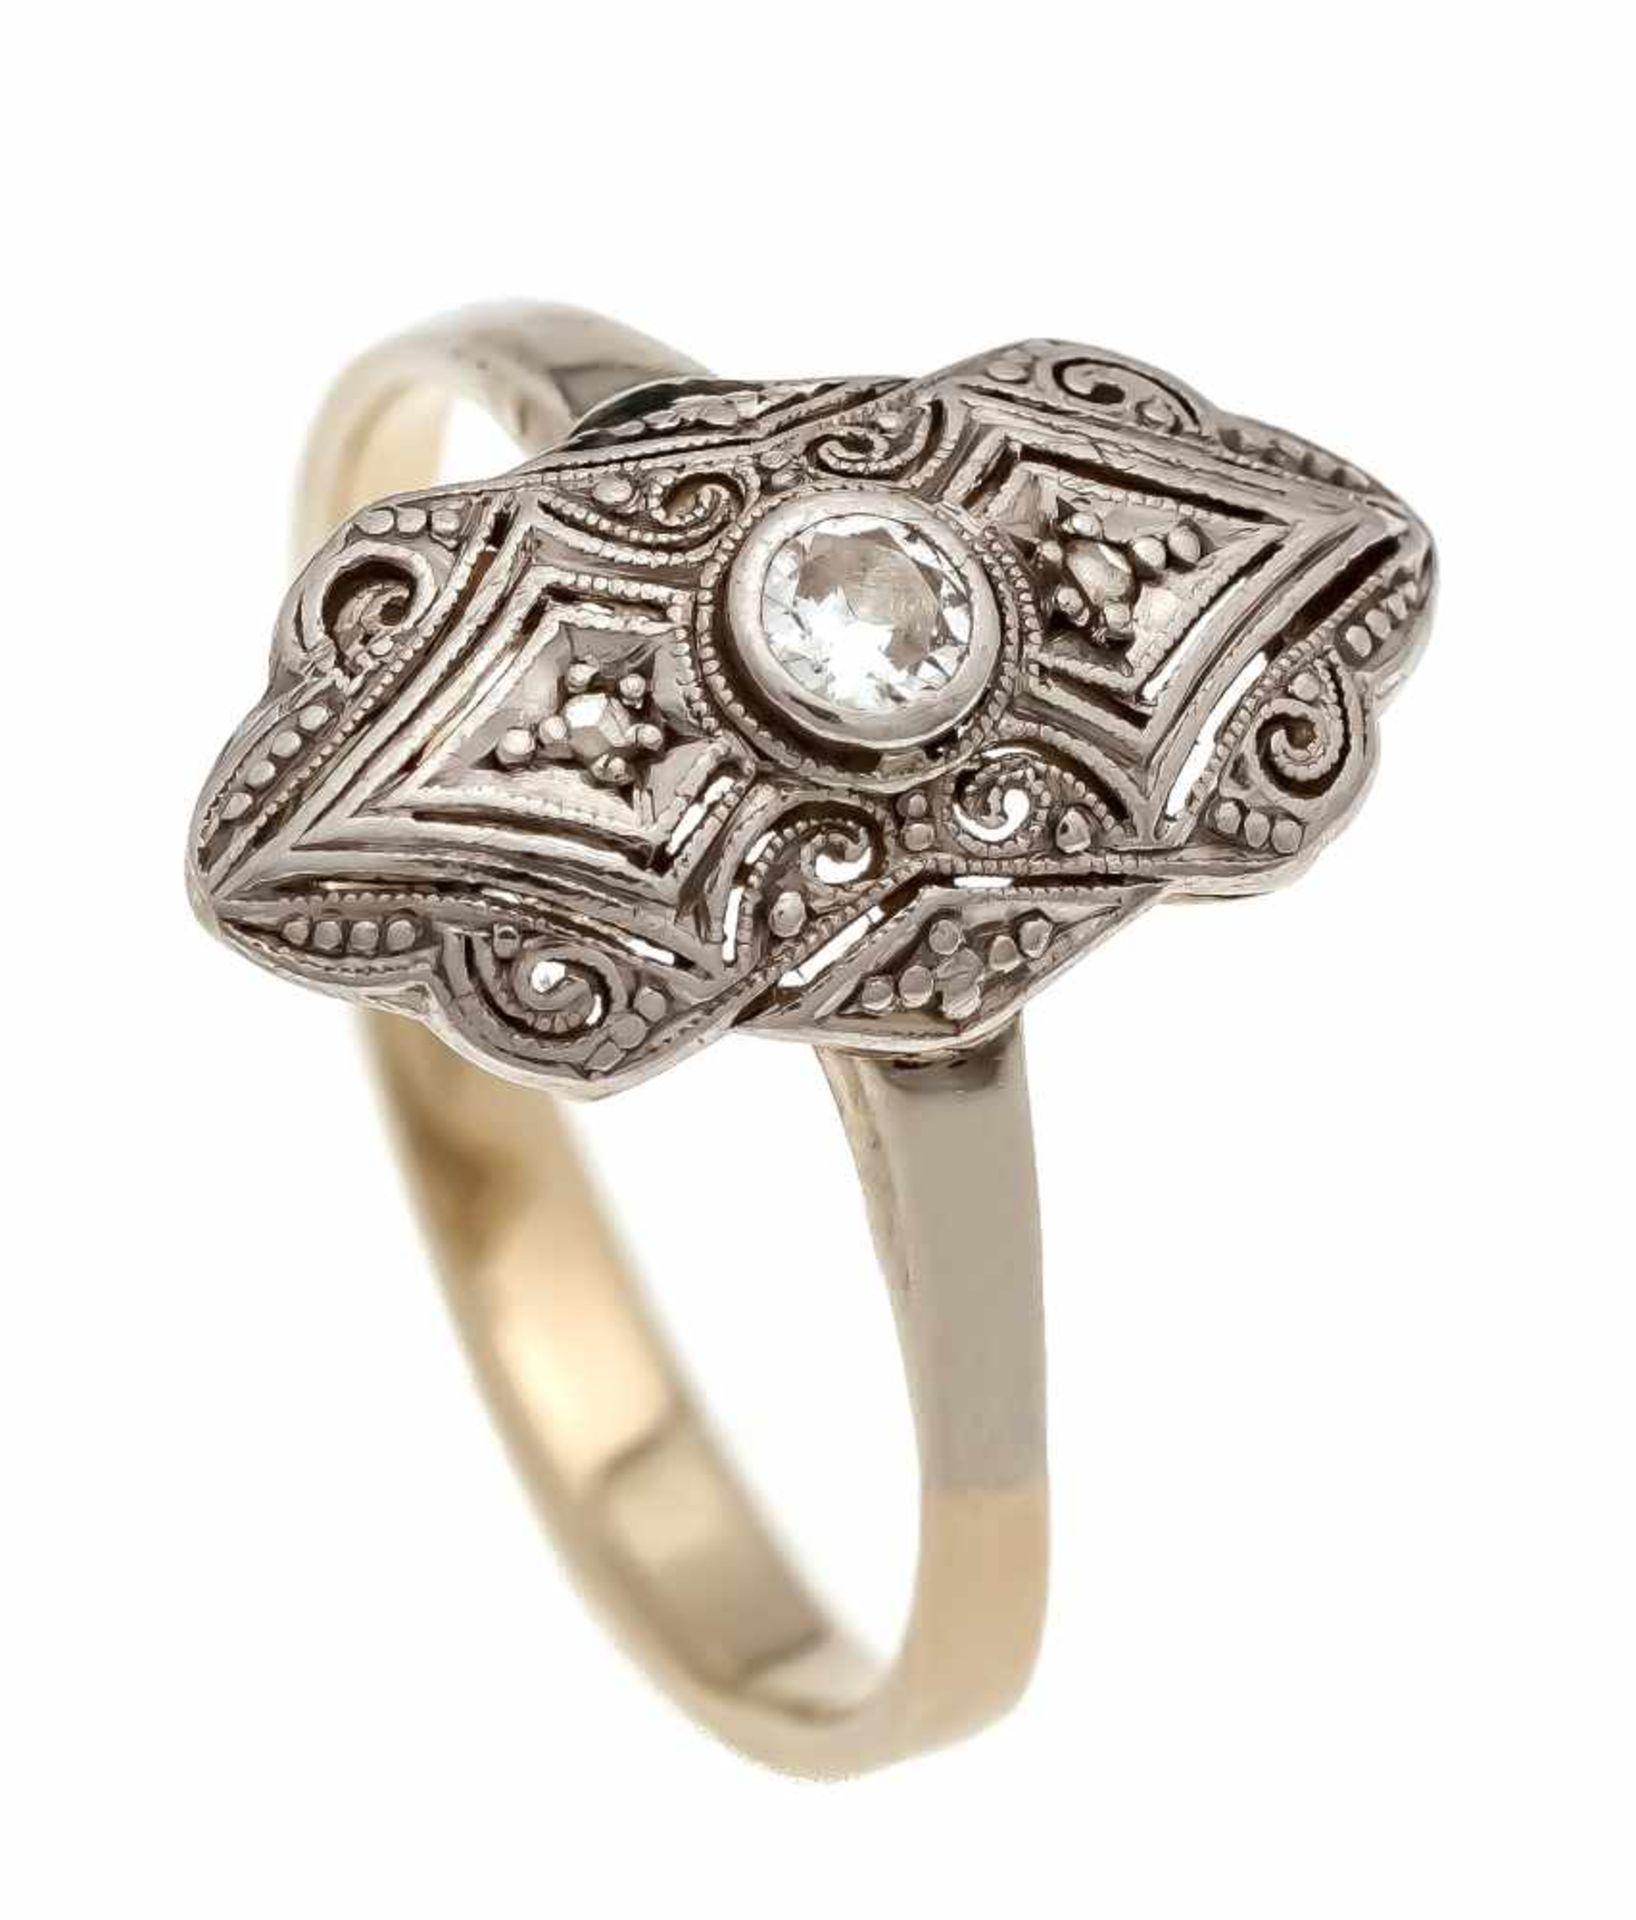 Altschliff-Diamant-Ring GG/WG 585/000 mit einem Altschliff-Diamanten 0,08 ct l.get.W/SIund